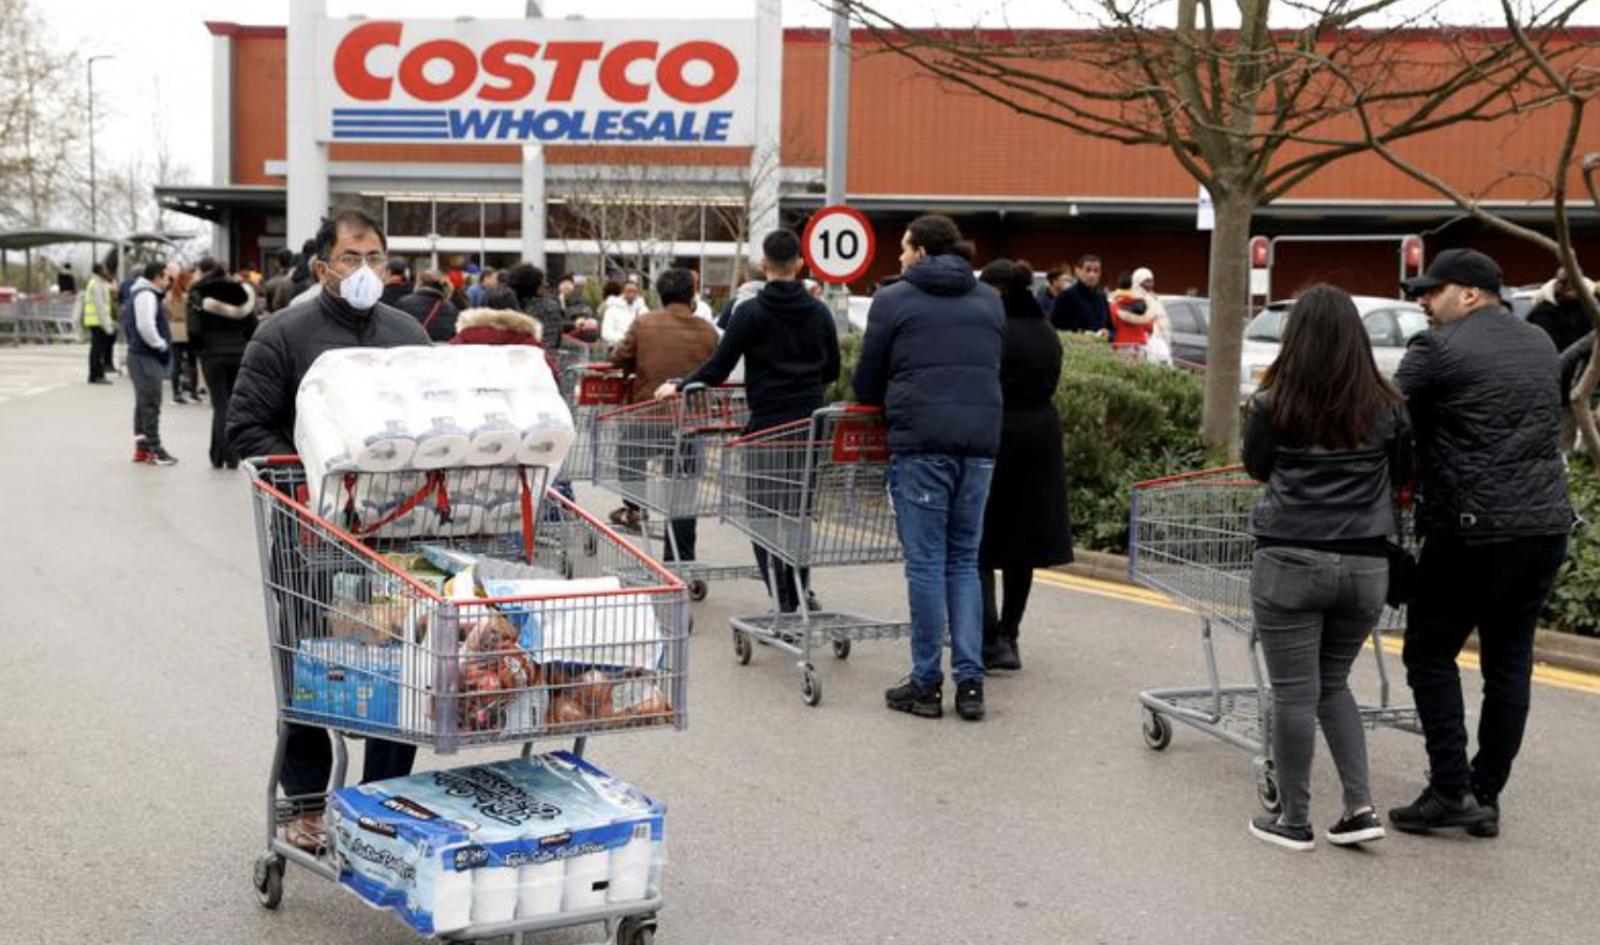 Costco raises minimum wage to $16 per hour